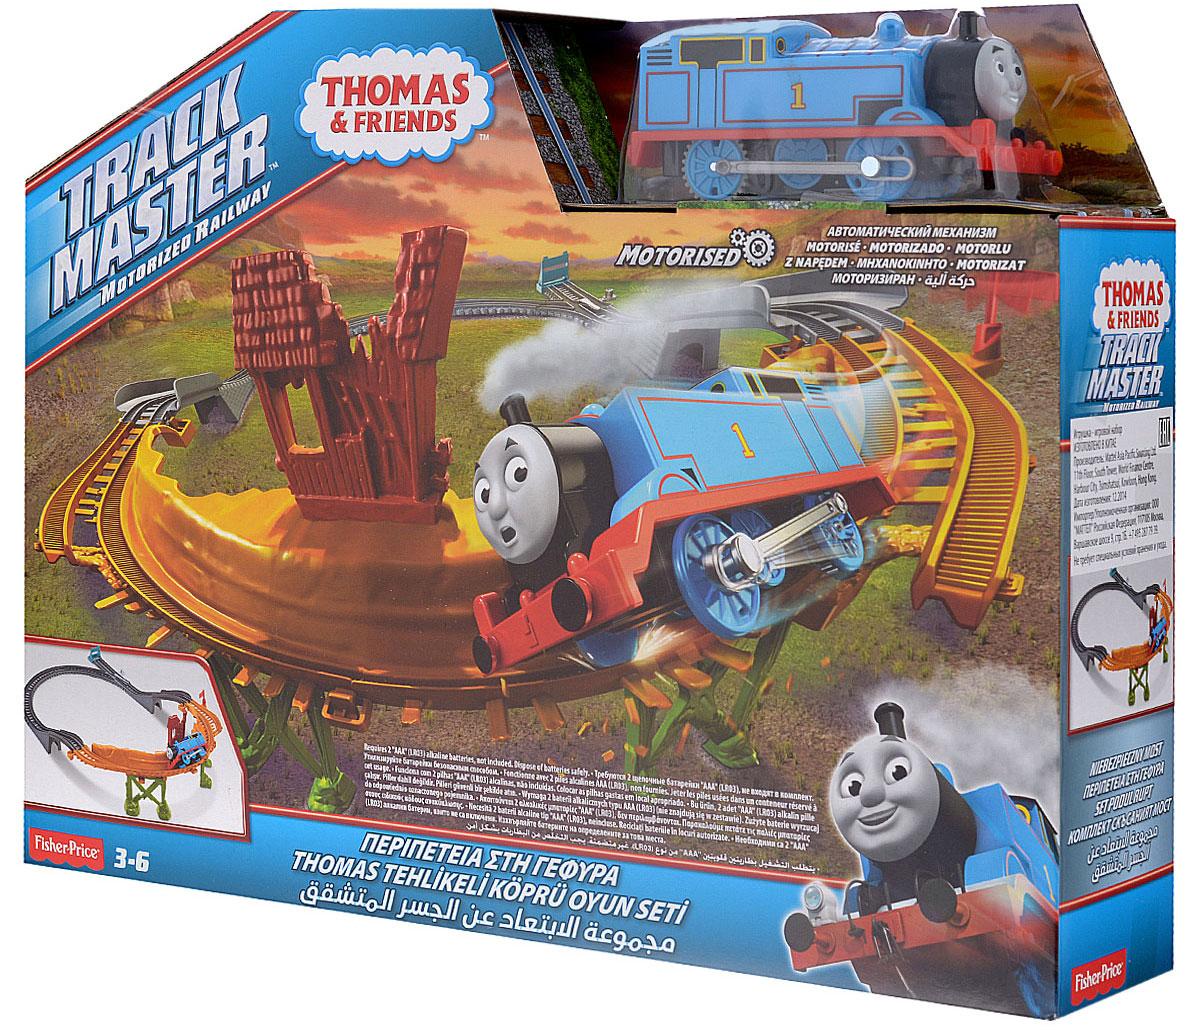 Thomas&Friends Железная дорога Сломанный мостCDB59Железная дорога Thomas&Friends Сломанный мост порадует любого малыша, интересующегося железными дорогами. Набор включает в себя паровозик, а также элементы железнодорожного полотна и адаптеры, из которых можно собрать железную дорогу с обрушившимся мостом. Томас должен преодолеть опасный горный путь, минуя обвал! Набирая скорость на крутом подъеме, Томасу предстоит преодолеть громадную пропасть между участками железнодорожного полотна! Функция автосброс позволяет играть без остановки - трек переустанавливается автоматически. Этот игровой набор - захватывающее приключение, в котором маленькому синему паровозику потребуются большая скорость и храбрость! Благодаря адаптерам, набор совместим с другими наборами из серии Thomas& Friends: Track Master. Такой набор понравится не только детям, но и взрослым, он подарит вашему малышу множества веселых моментов и увлекательные возможности для игры. Рекомендуемый возраст: от 3 до 6 лет. ...